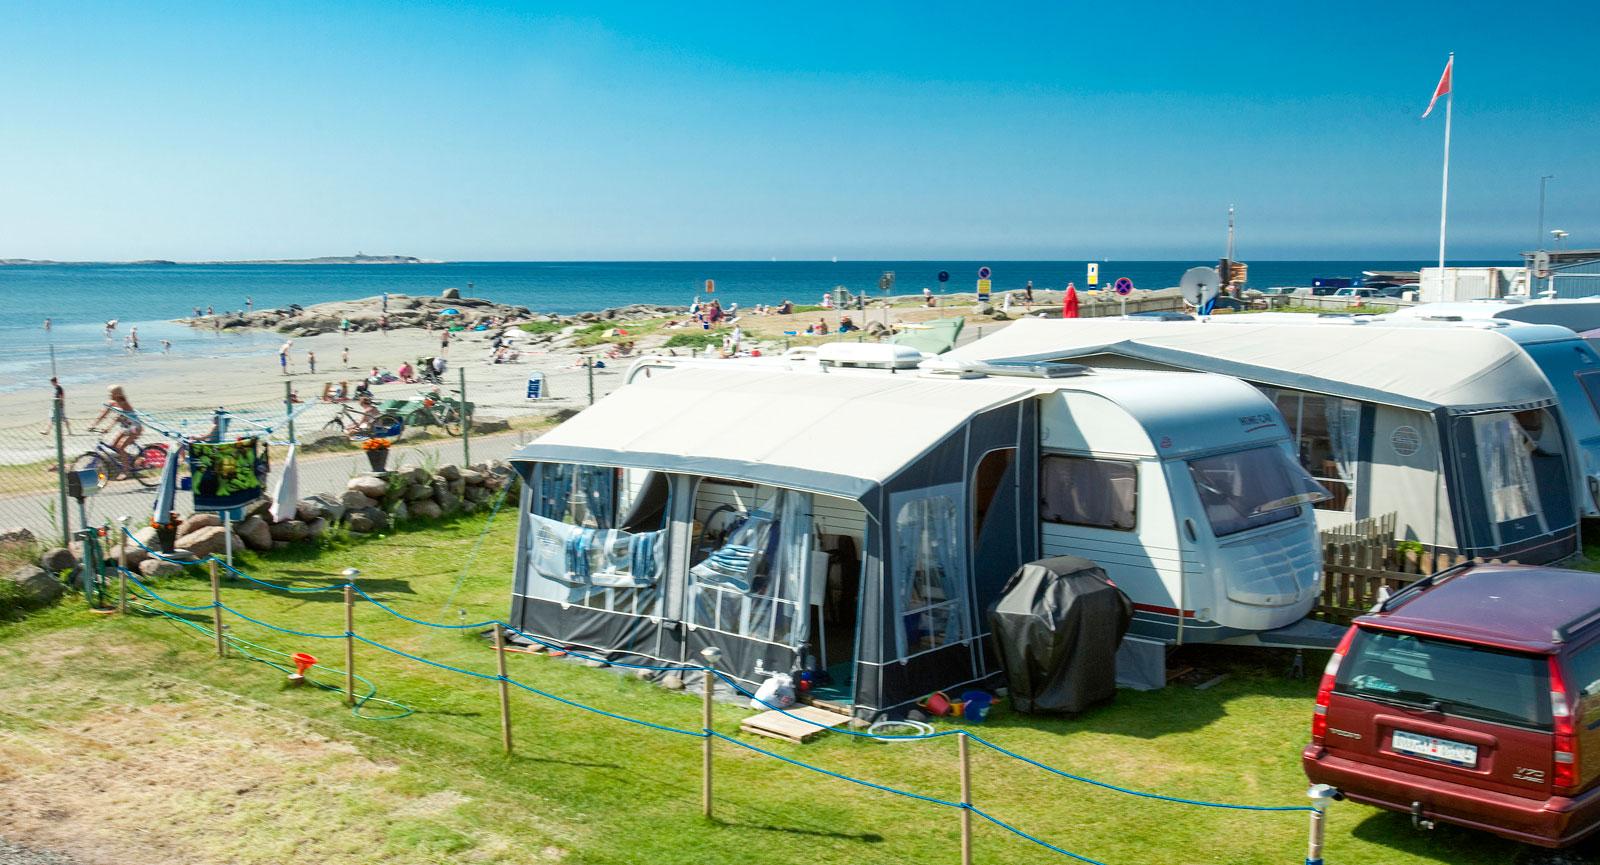 Halland har ett 20-tal campingplatser nära havet, många med cykeluthyrning, restauranger och ett rikt utbud av familjeaktiviteter.